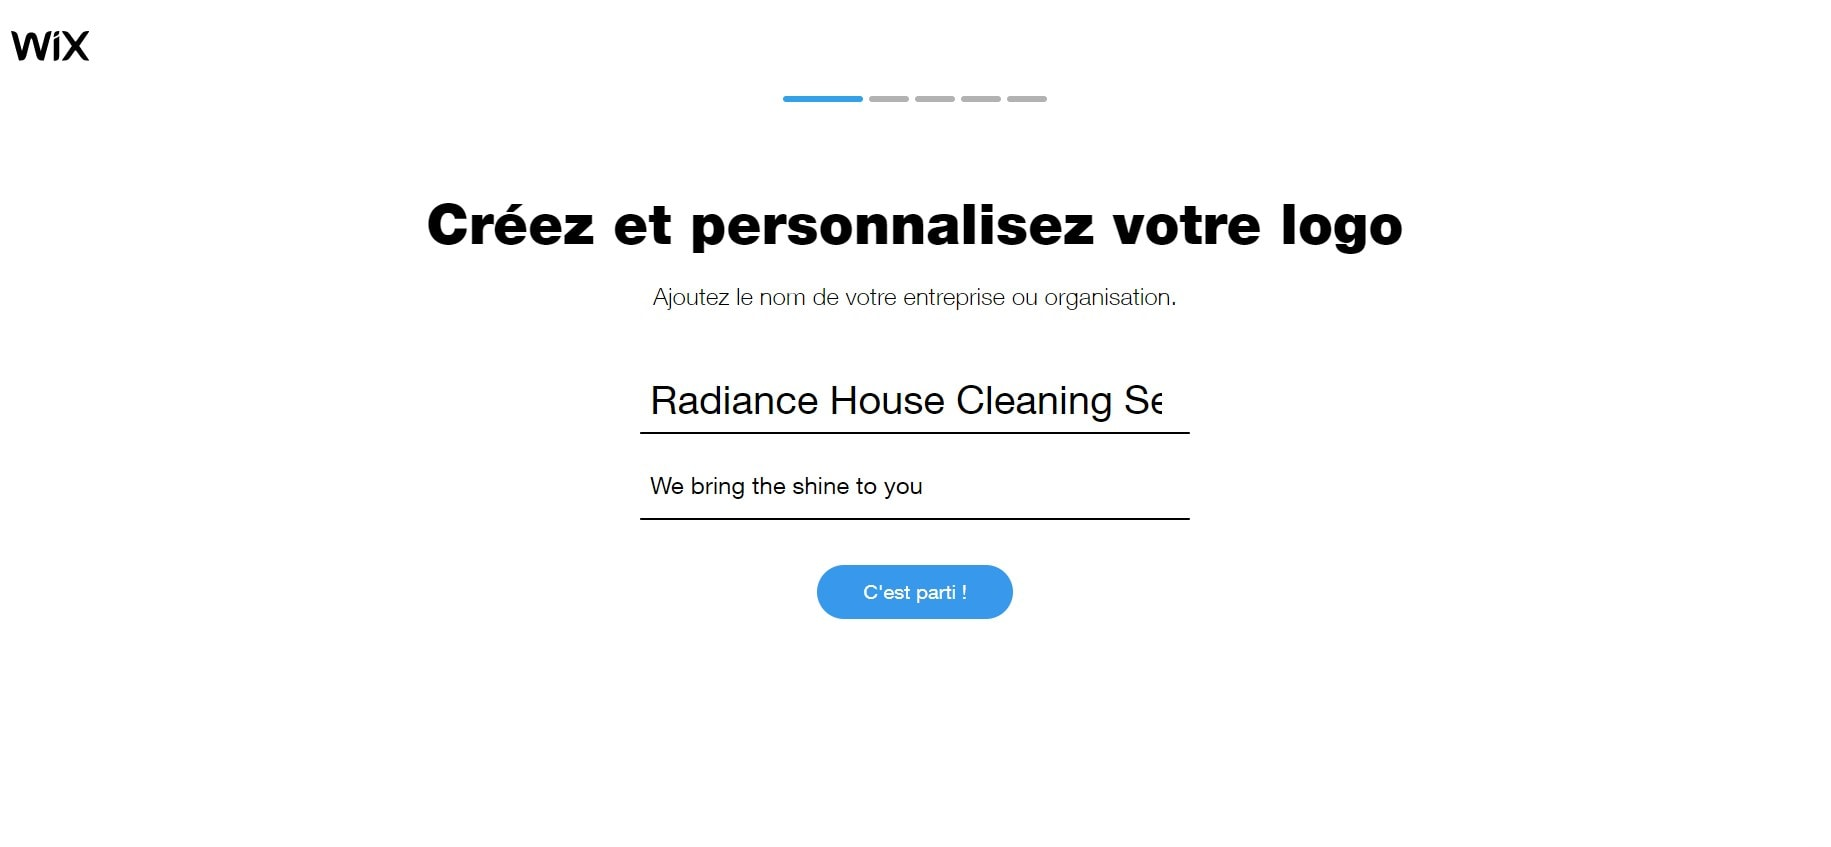 9 meilleurs logos avec une maison, créez le vôtre gratuitement